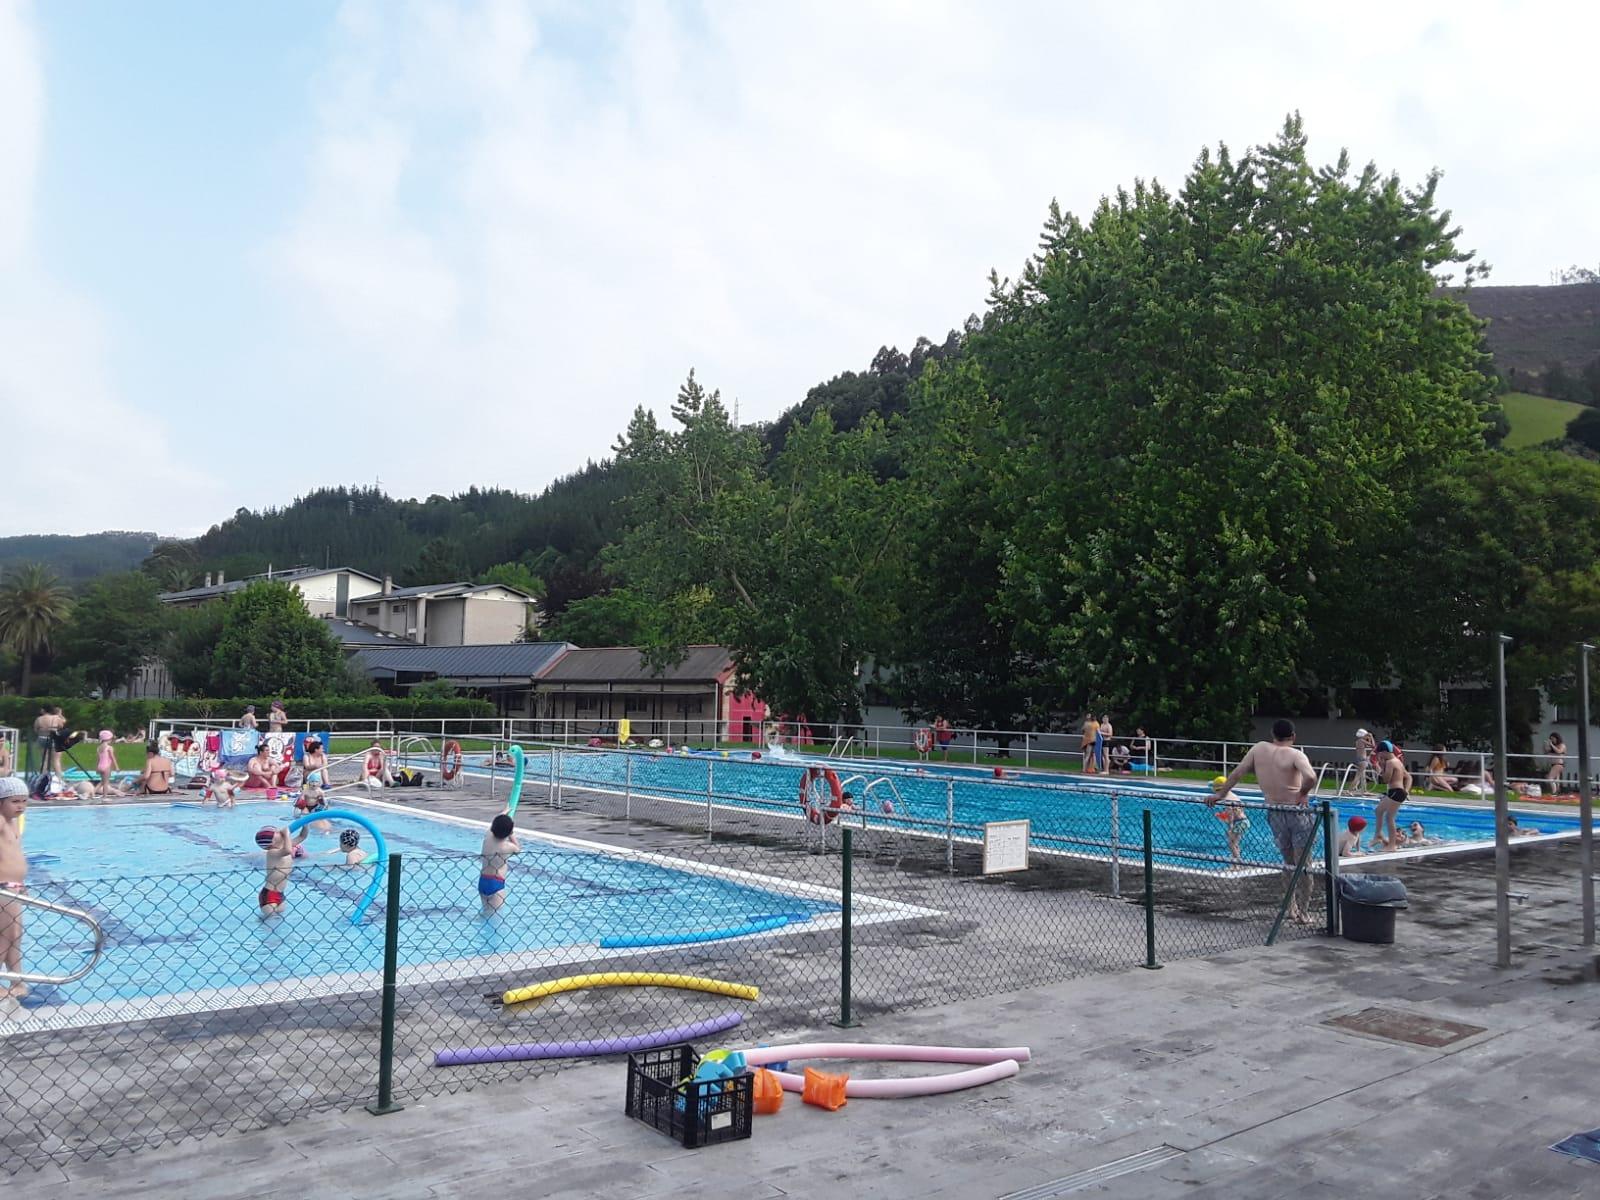 Cursos para aprender a nadar, en la piscina municipal de Vegadeo